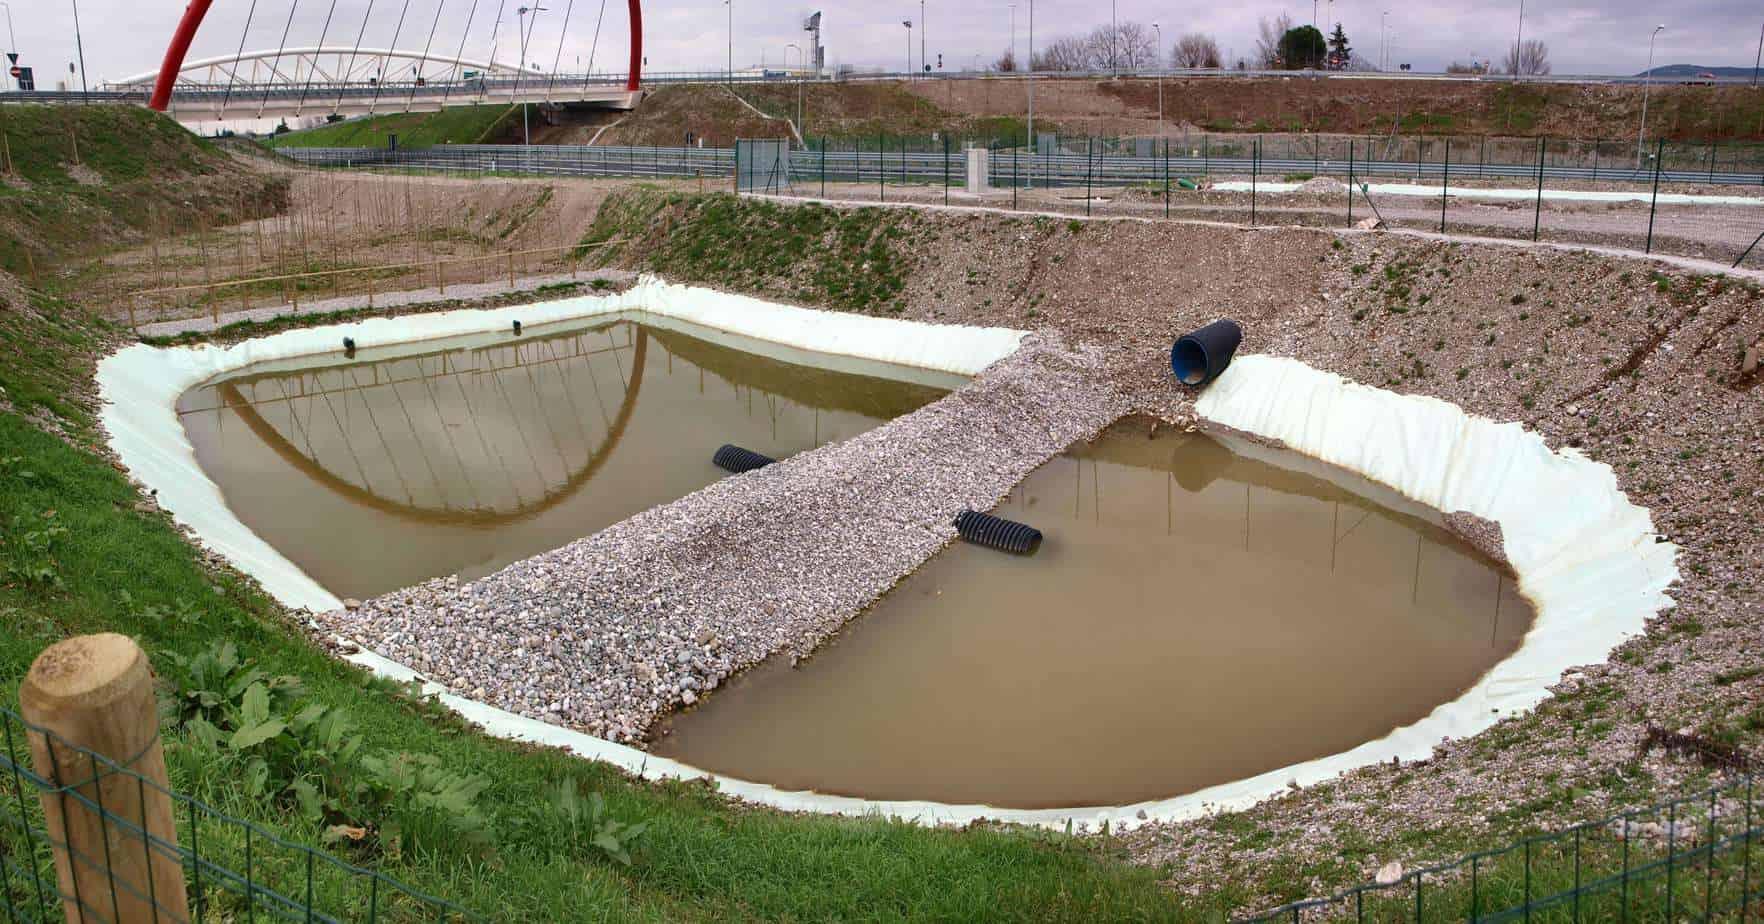 Sul nuovo raccordo autostradale Villesse-Gorizia, le vasche di prima pioggia con vasca di sedimentazione in entrata e setti di filtrazione in inerti